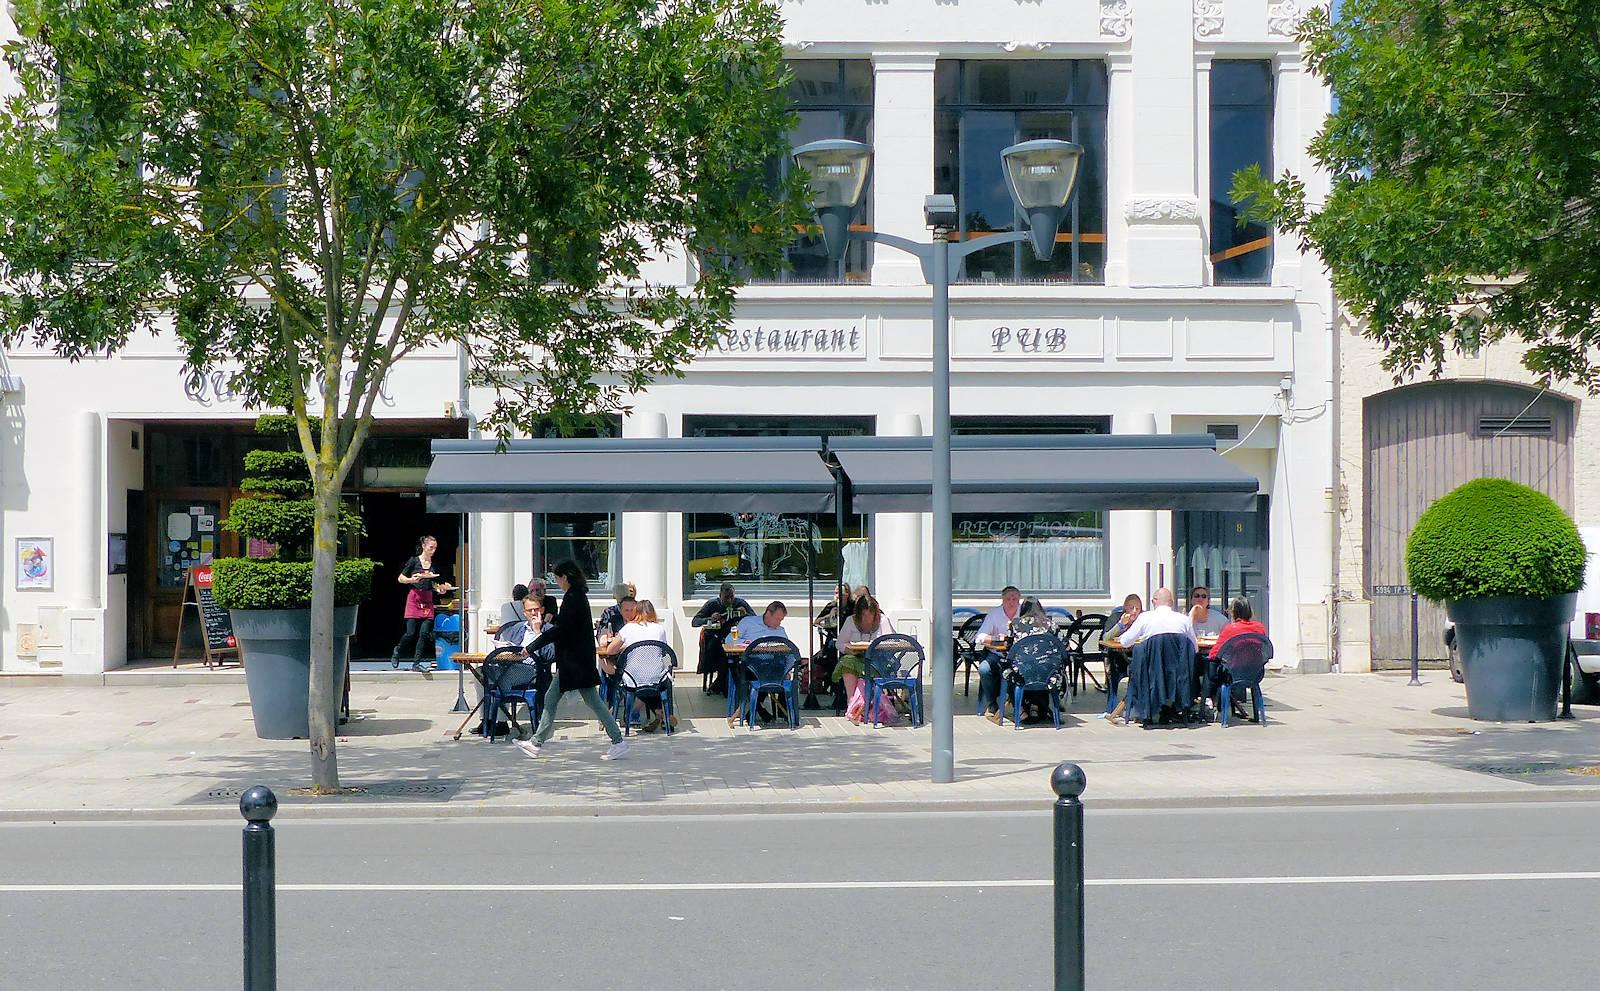 Brasserie traditionnelle Le P'tit Quinquin, Tourcoing Centre.